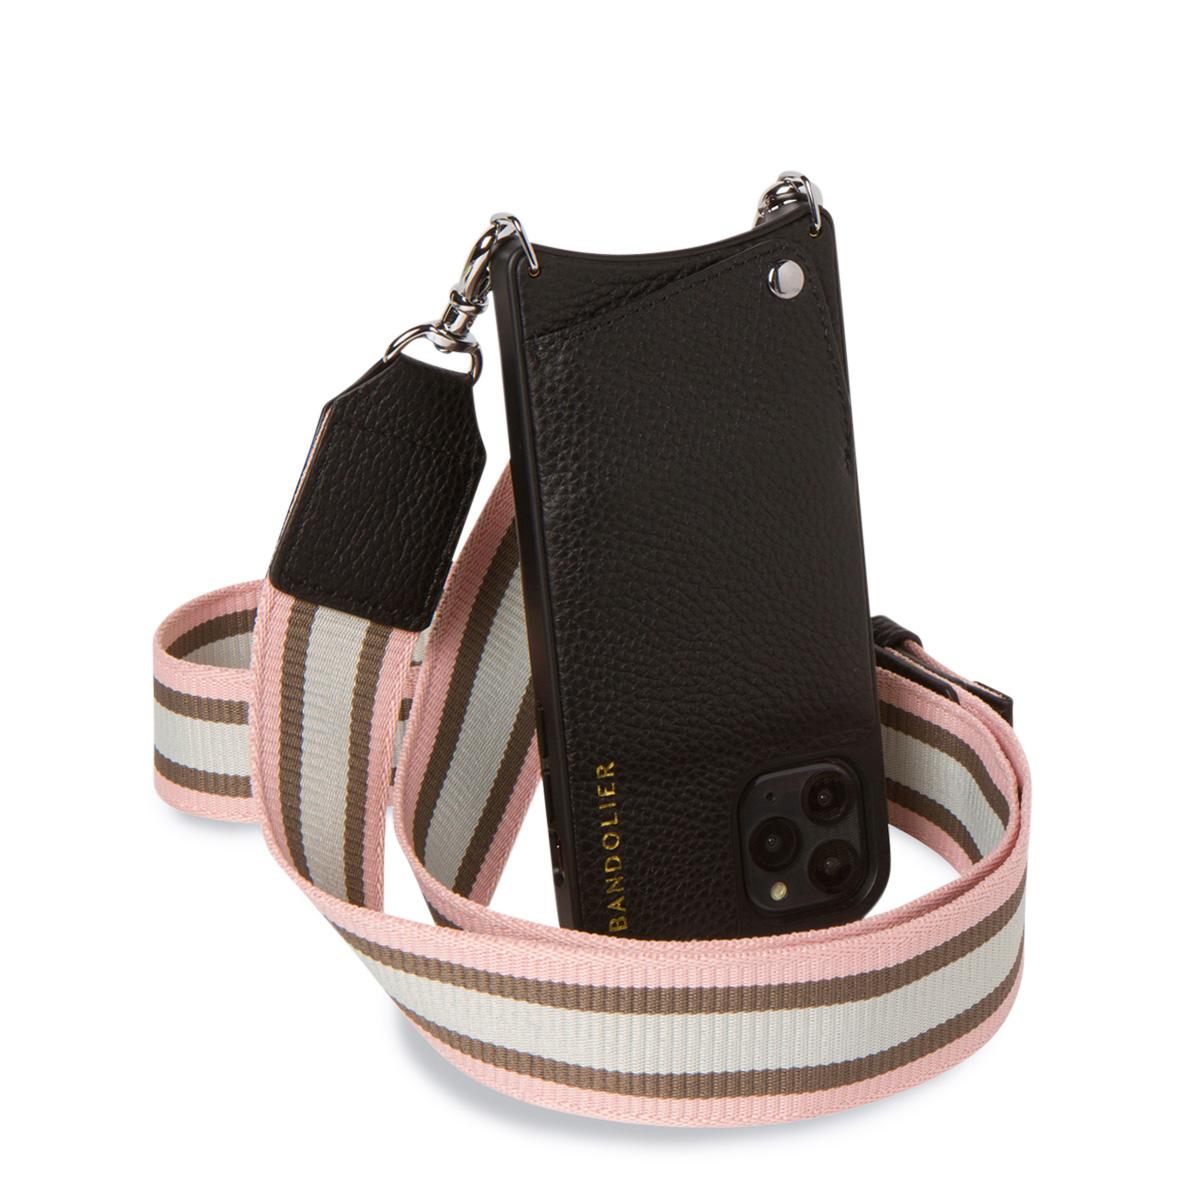 BANDOLIER KIMBERLY PINK WHITE バンドリヤー iPhone11 Pro MAX ケース スマホ 携帯 アイフォン ショルダー キンバリー メンズ レディース レザー ブラック 黒 10KIM [7/8 再入荷]